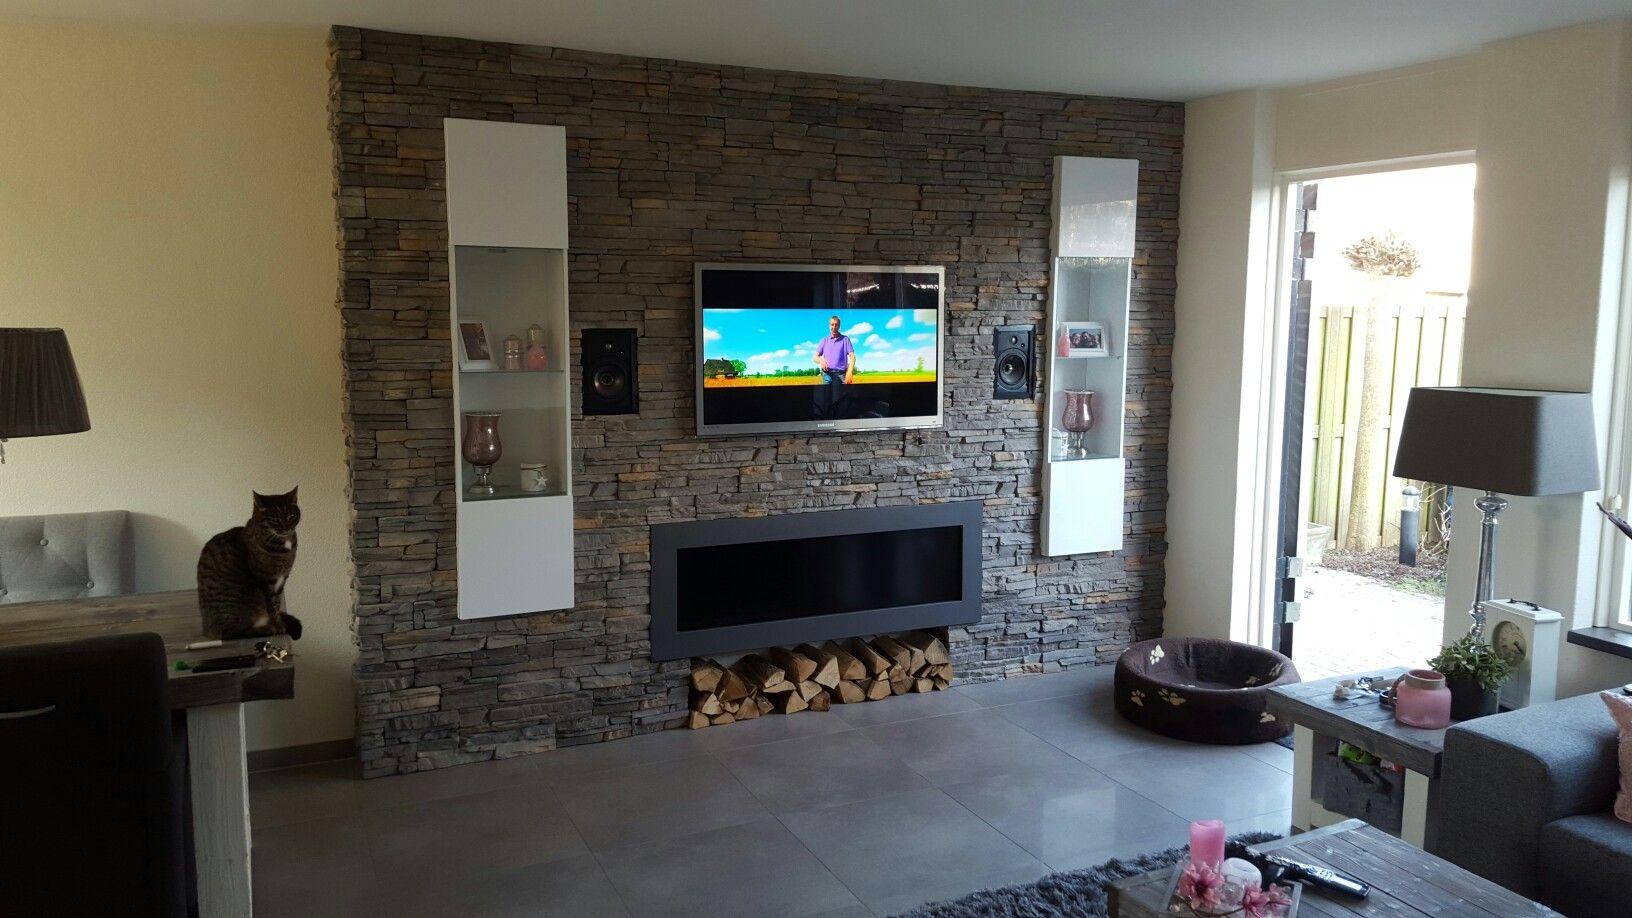 tv wand gemaakt met steen strips | tv muur meubel | pinterest | tvs